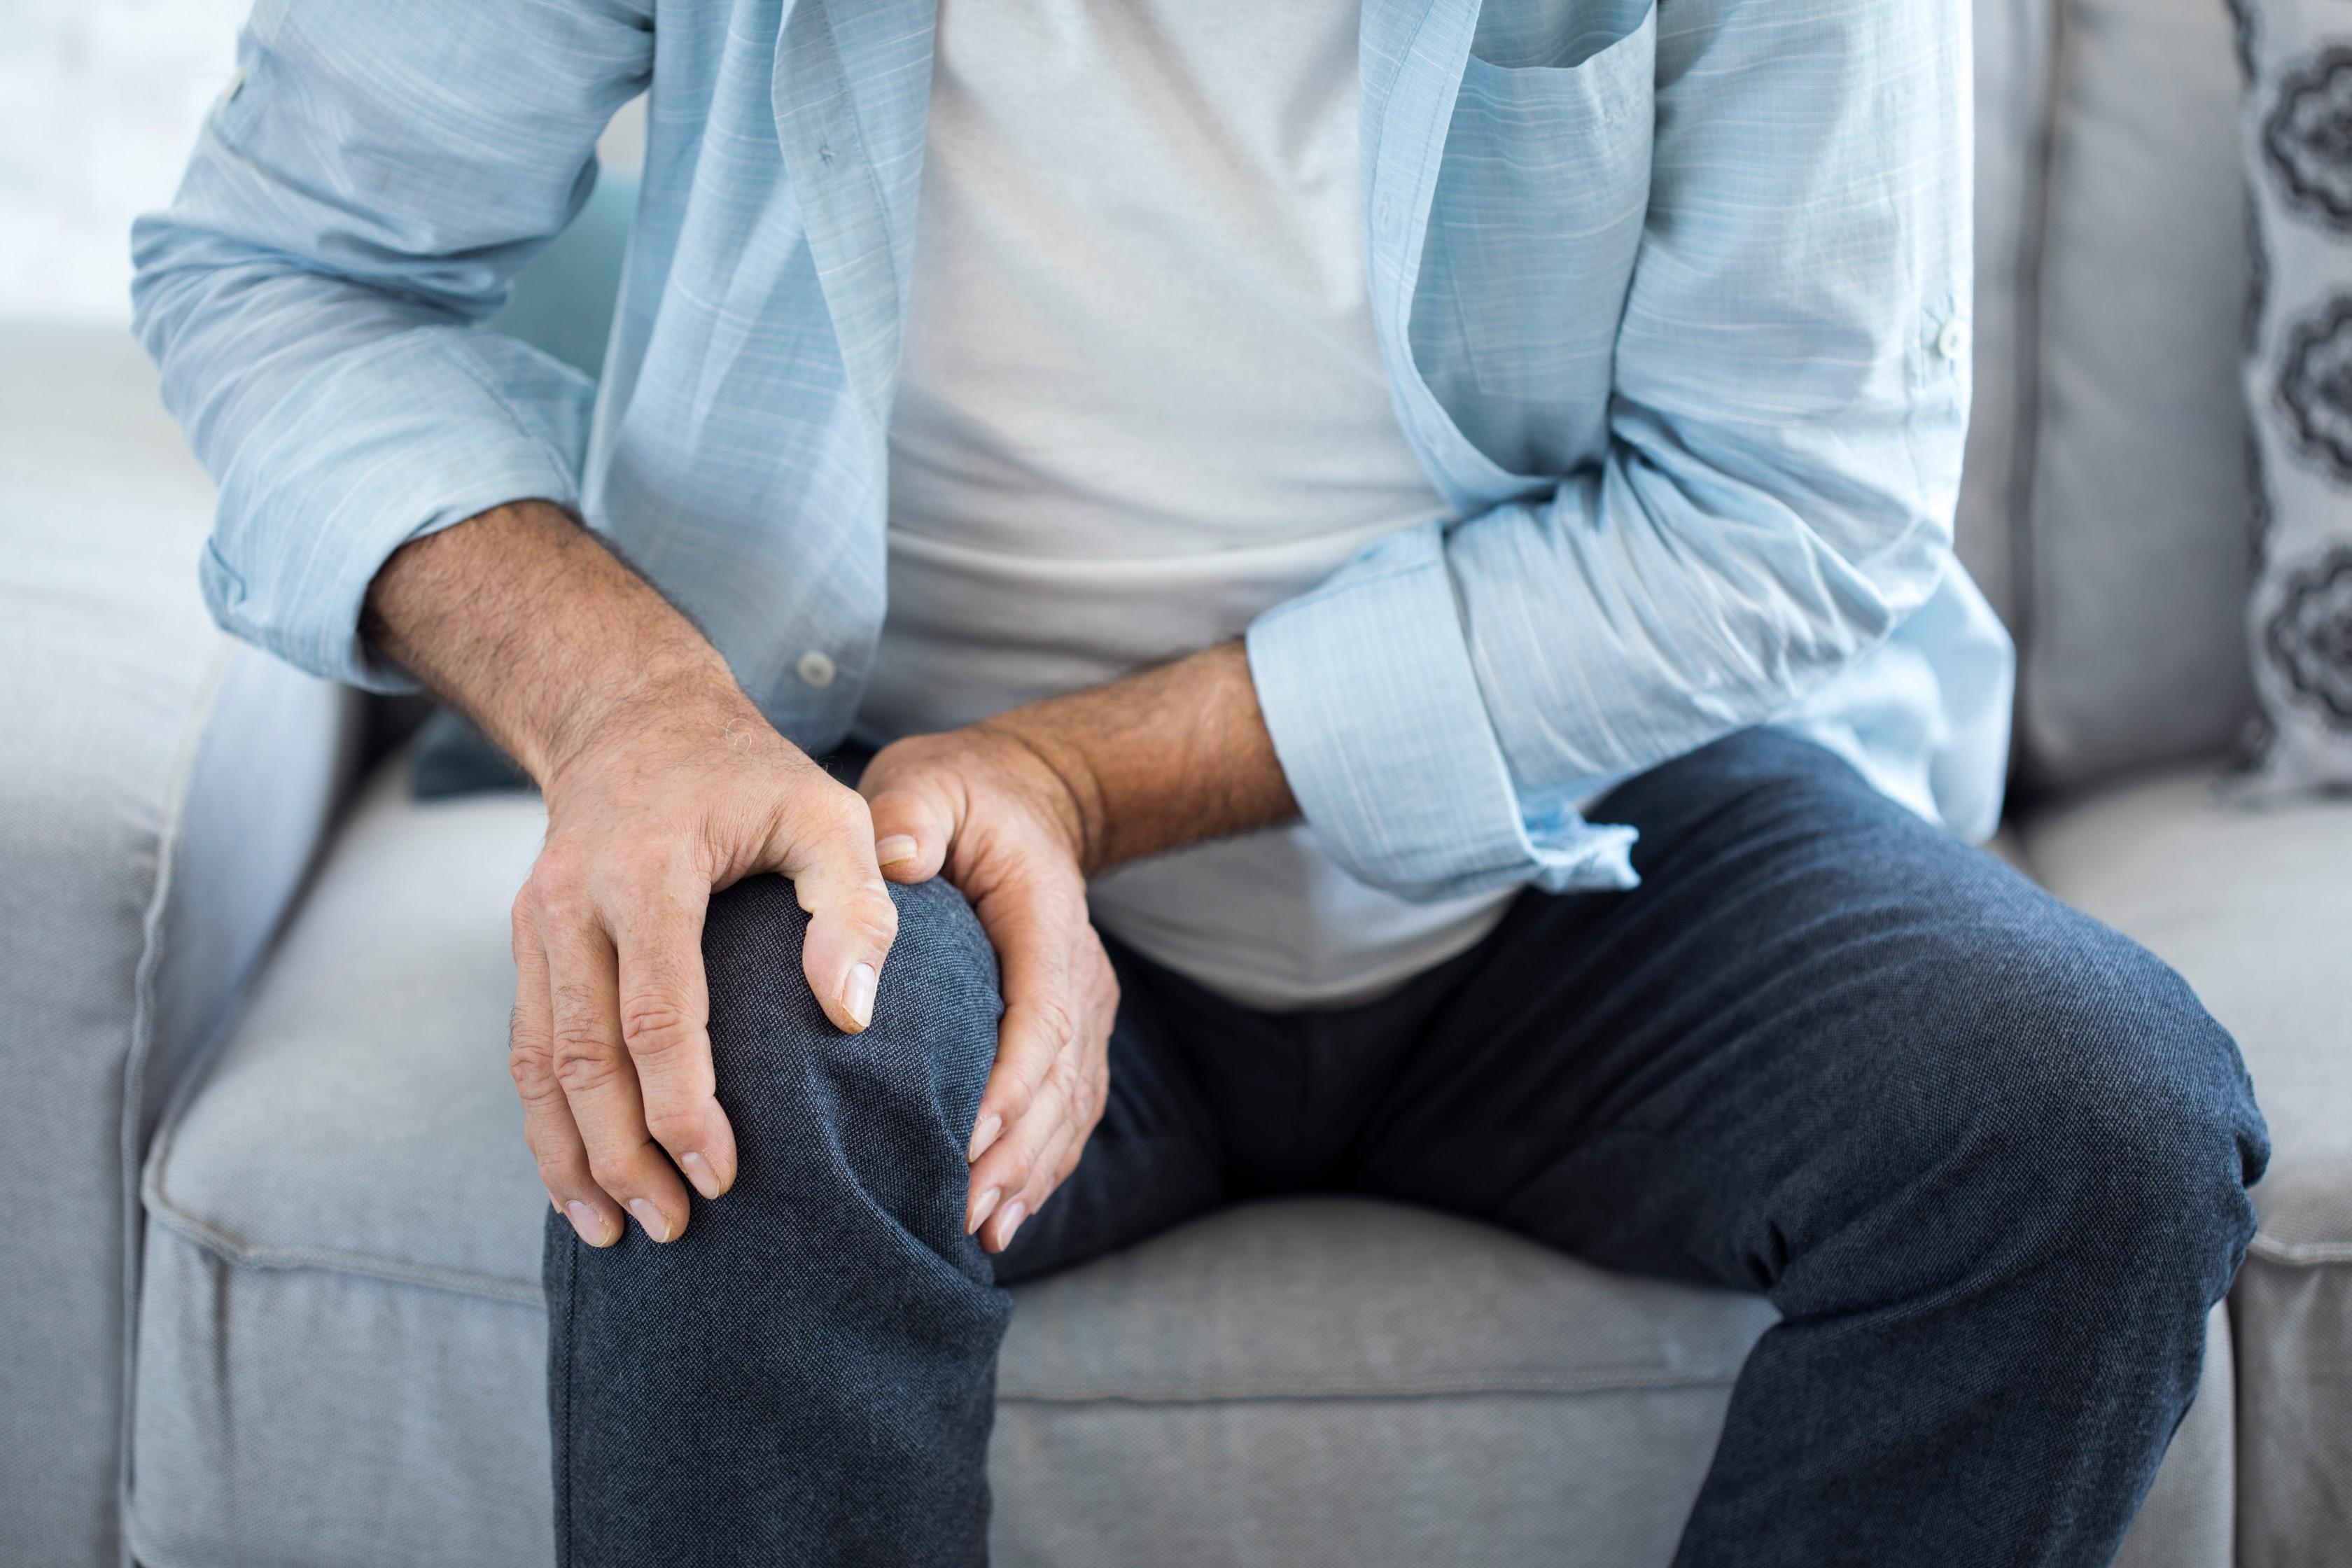 ízületi fájdalom okai és tünetei rheumatoid arthritis kezelésére homeopátiát